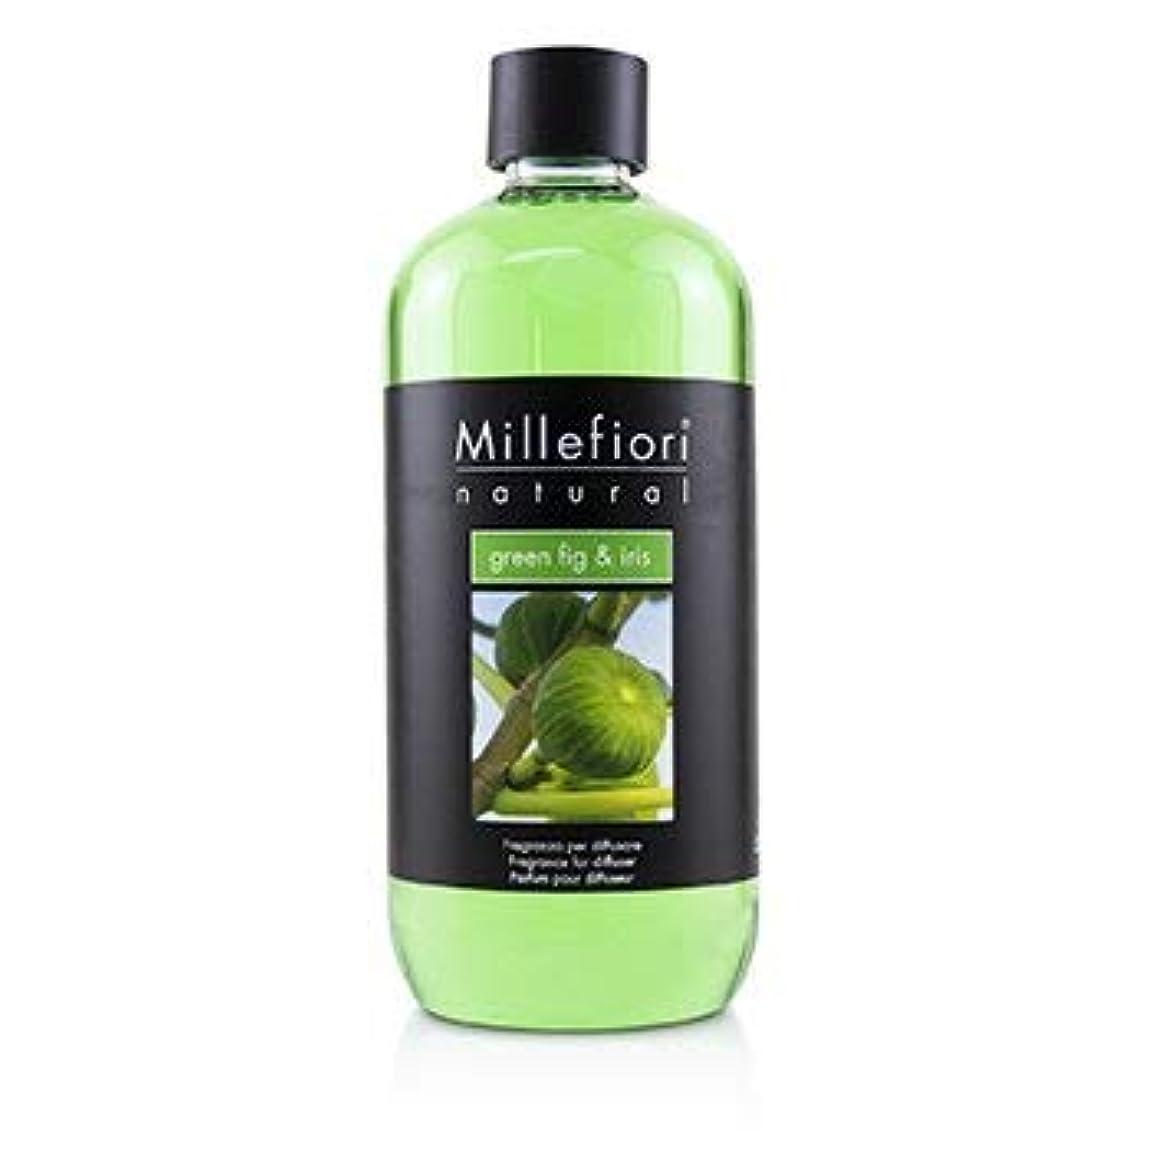 報復聴衆昆虫ミッレフィオーリ Natural Fragrance Diffuser Refill - Green Fig & Iris 500ml/16.9oz並行輸入品